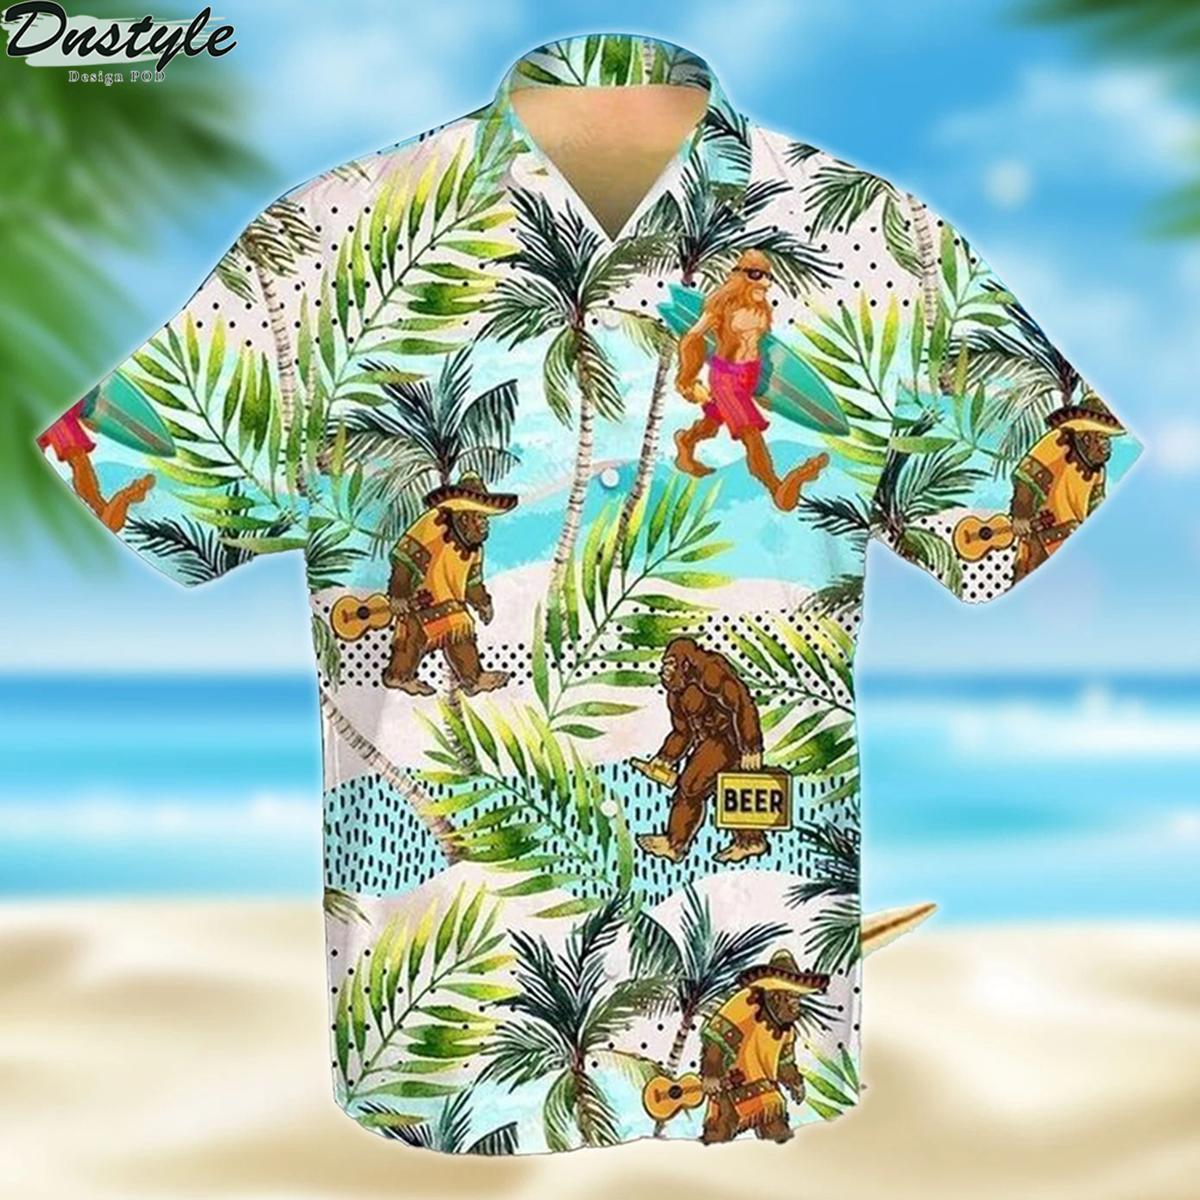 Bigfoot skiing guitar beer hawaiian shirt 2